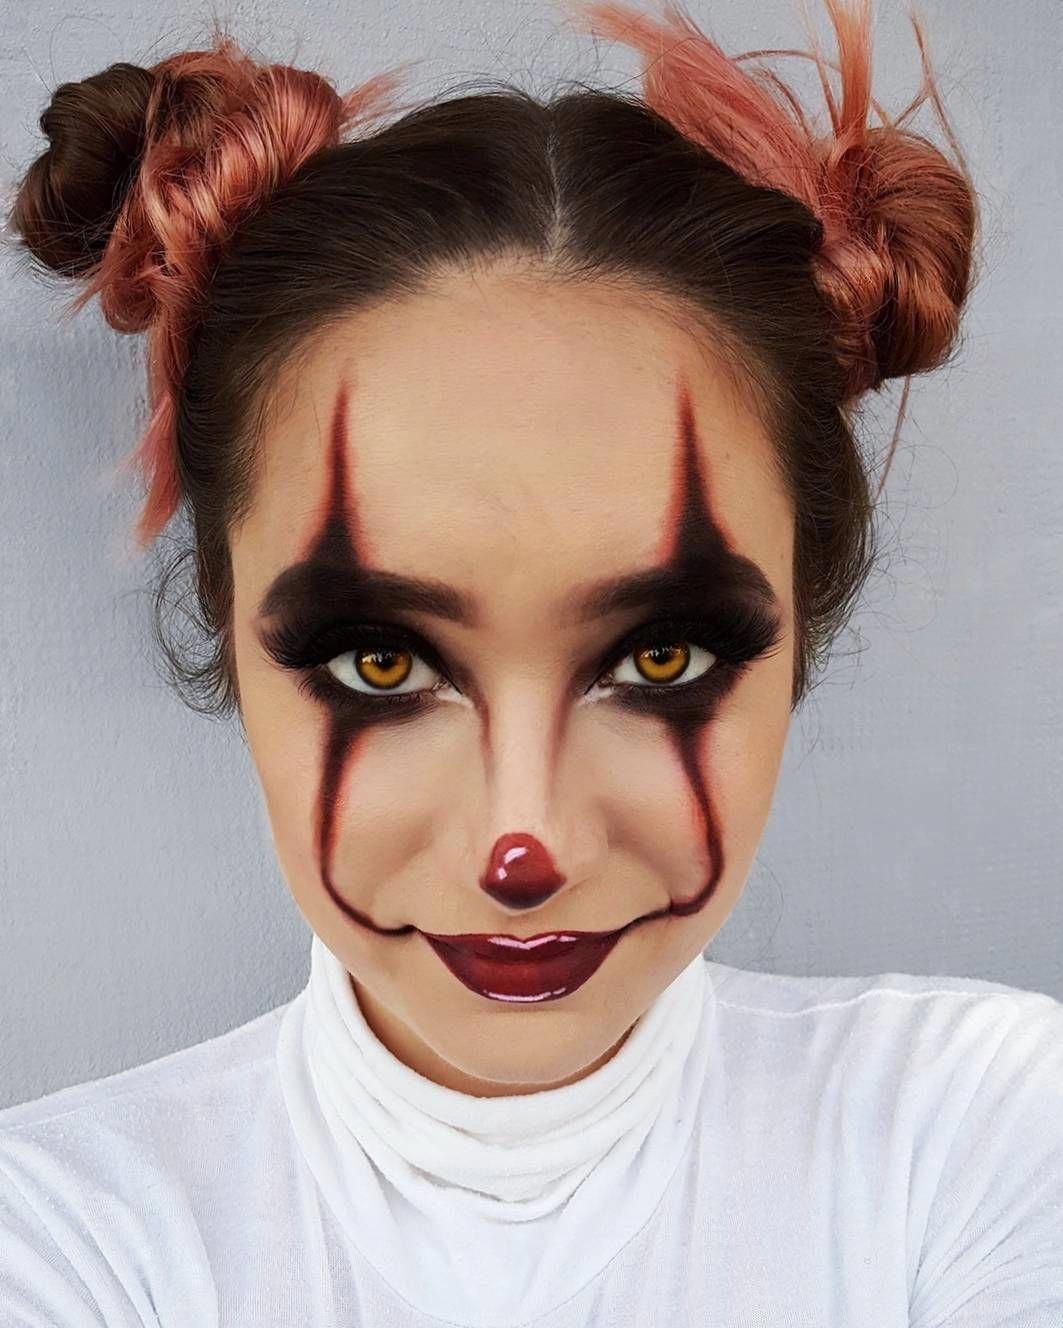 Latest Easy Makeup Ideas Easymakeupideas Halloween Makeup Clown Halloween Makeup Pretty Cute Halloween Makeup